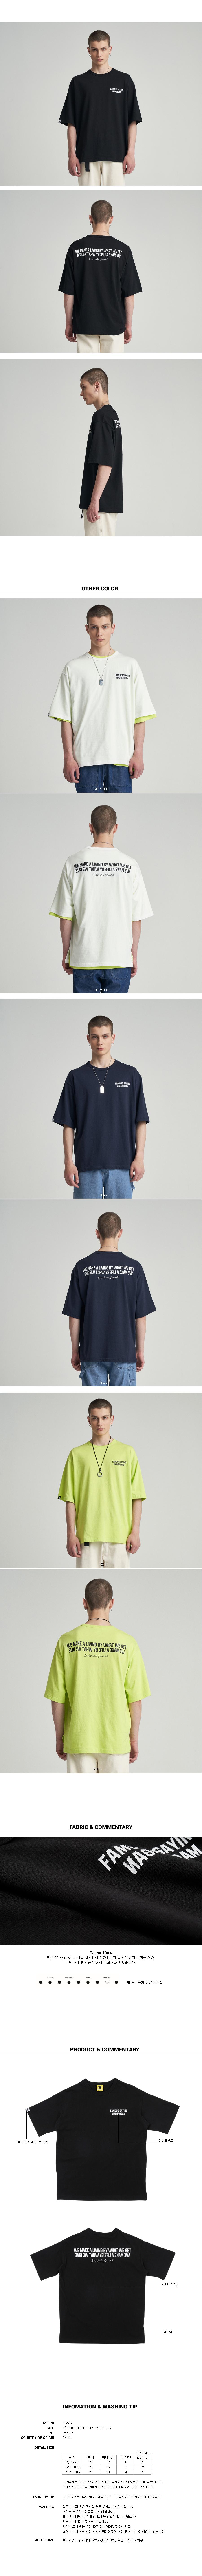 스웩버 3521 유니섹스 레터링 오버핏 블랙 반팔티셔츠